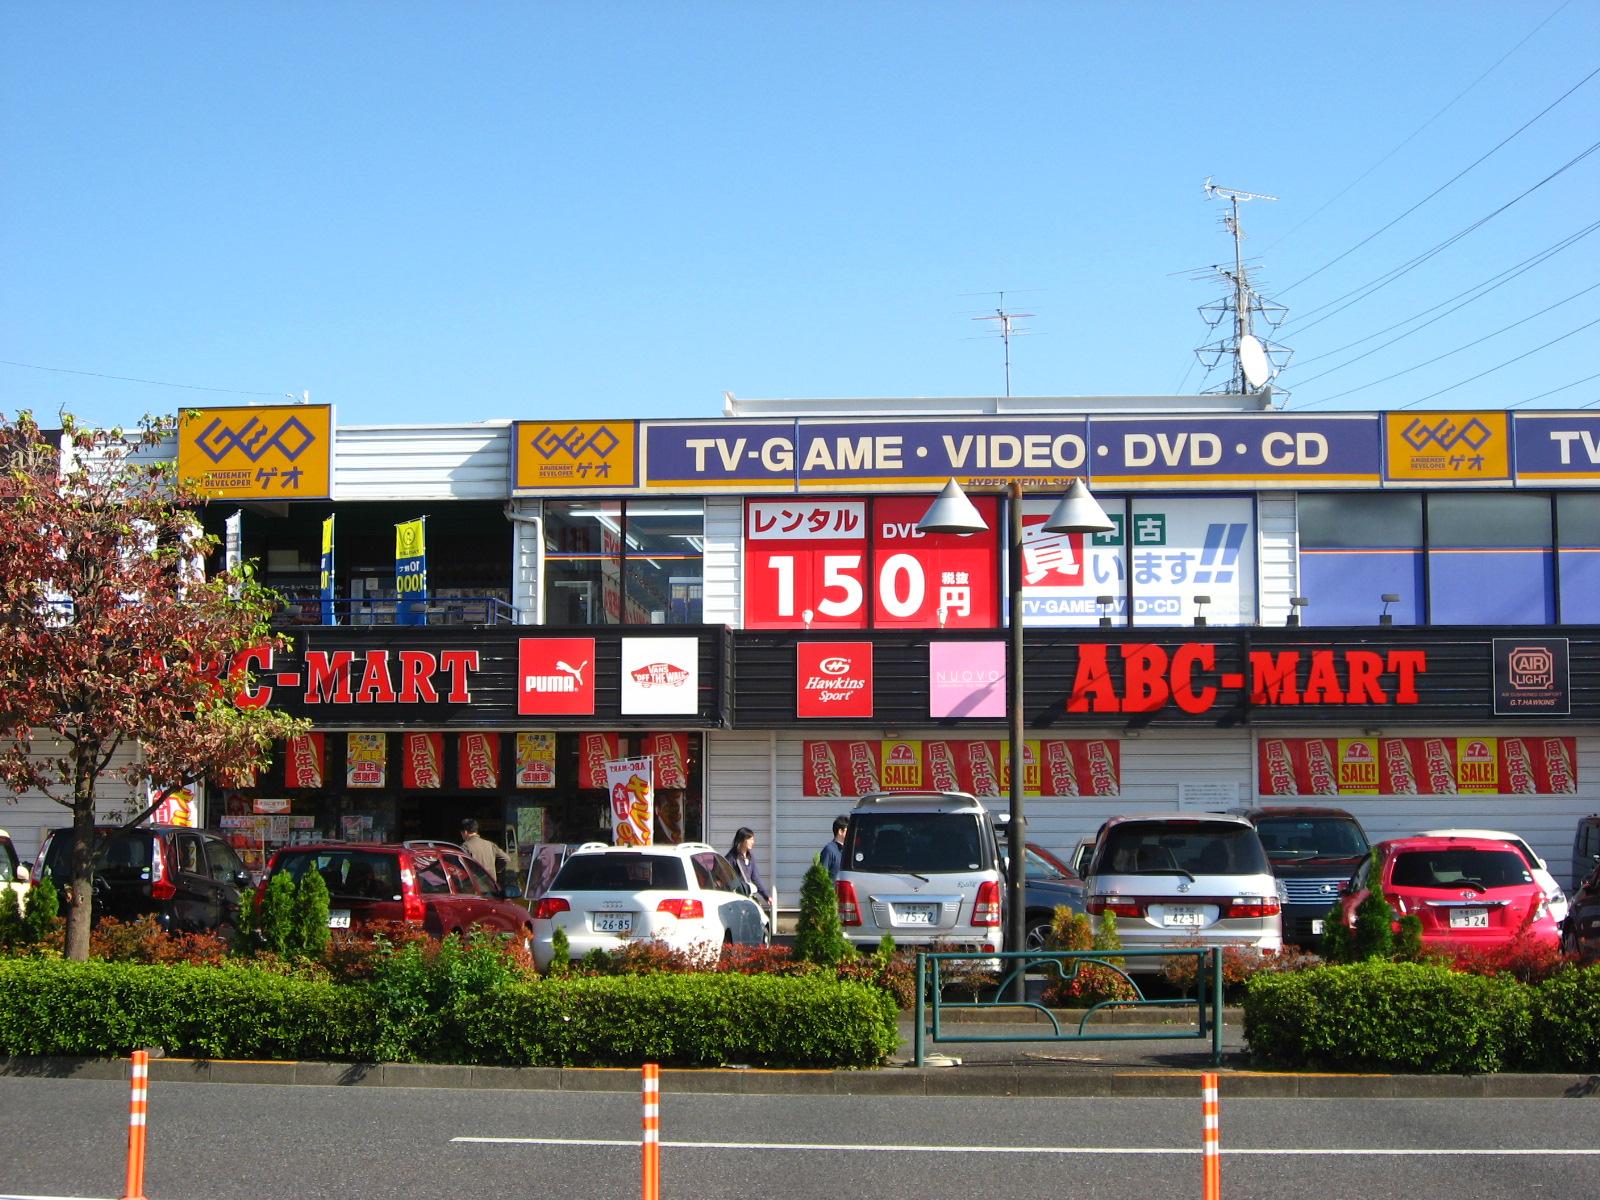 レンタルビデオ ゲオ小平小川町店(レンタルビデオ)まで949m